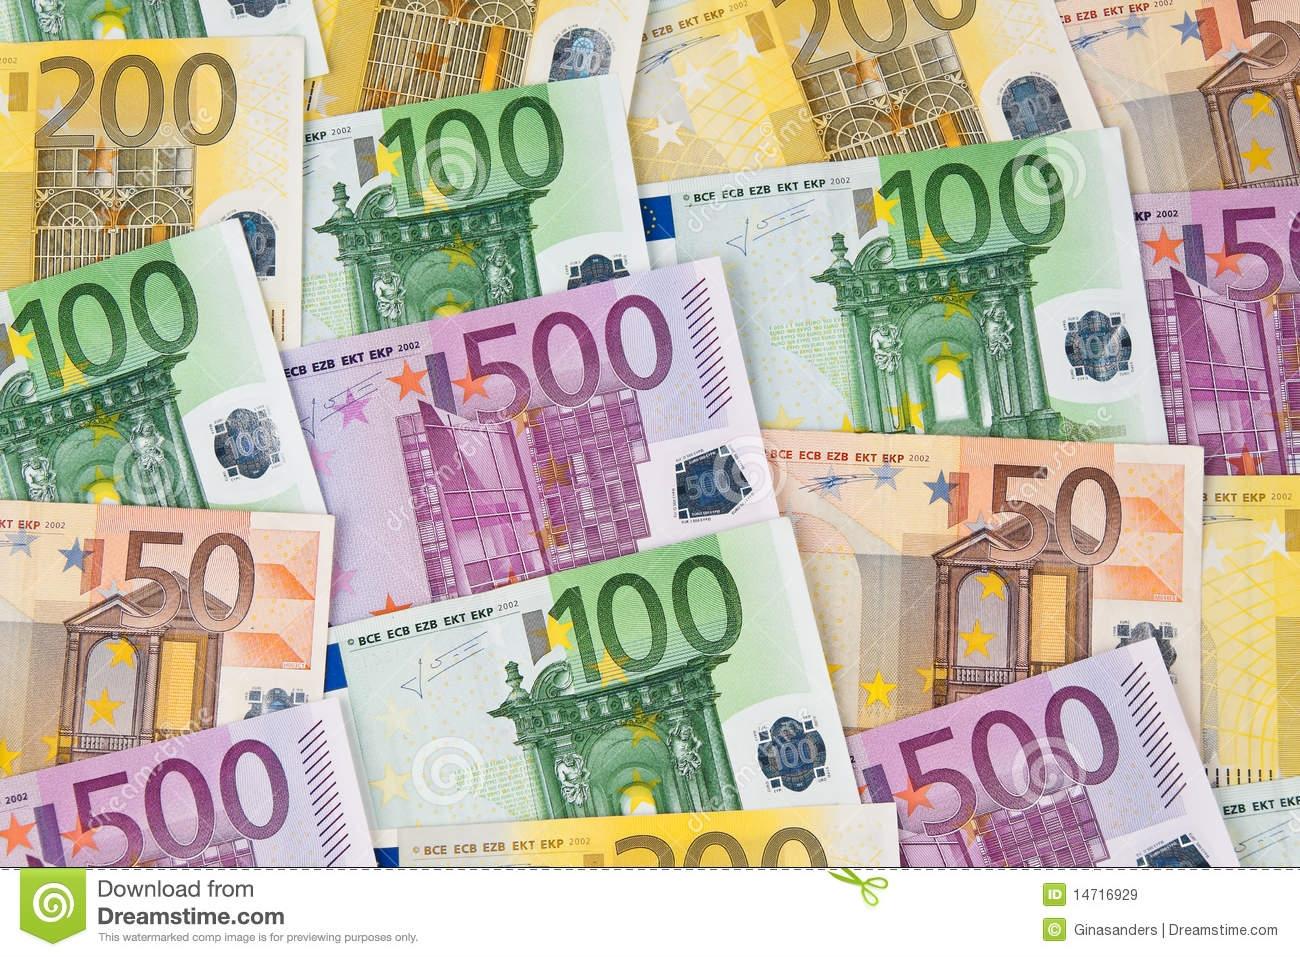 655% Deposit match bonus at 888 Casino